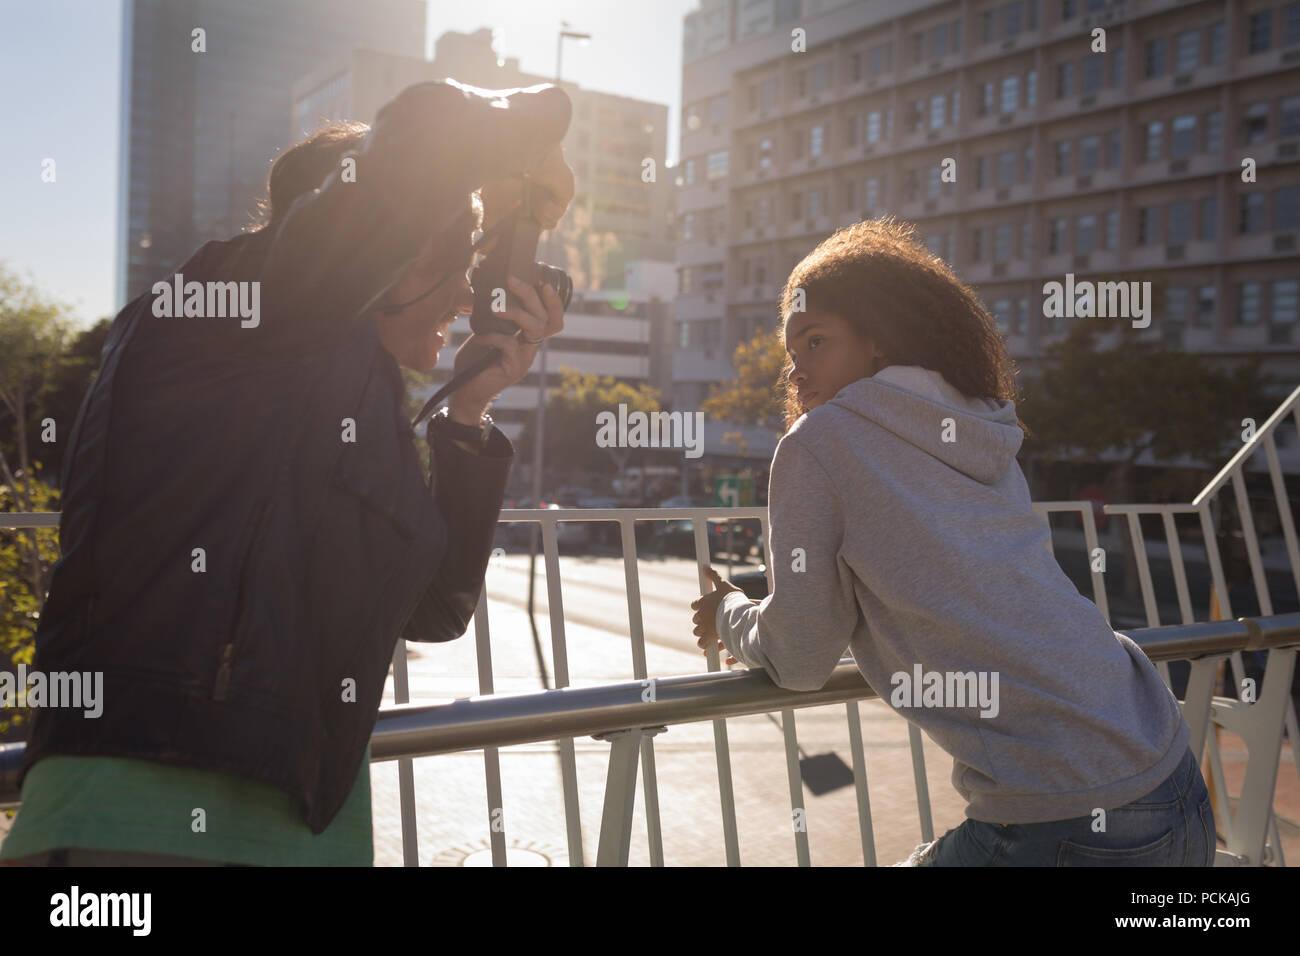 Photographe à prendre des photos d'un modèle en street Photo Stock